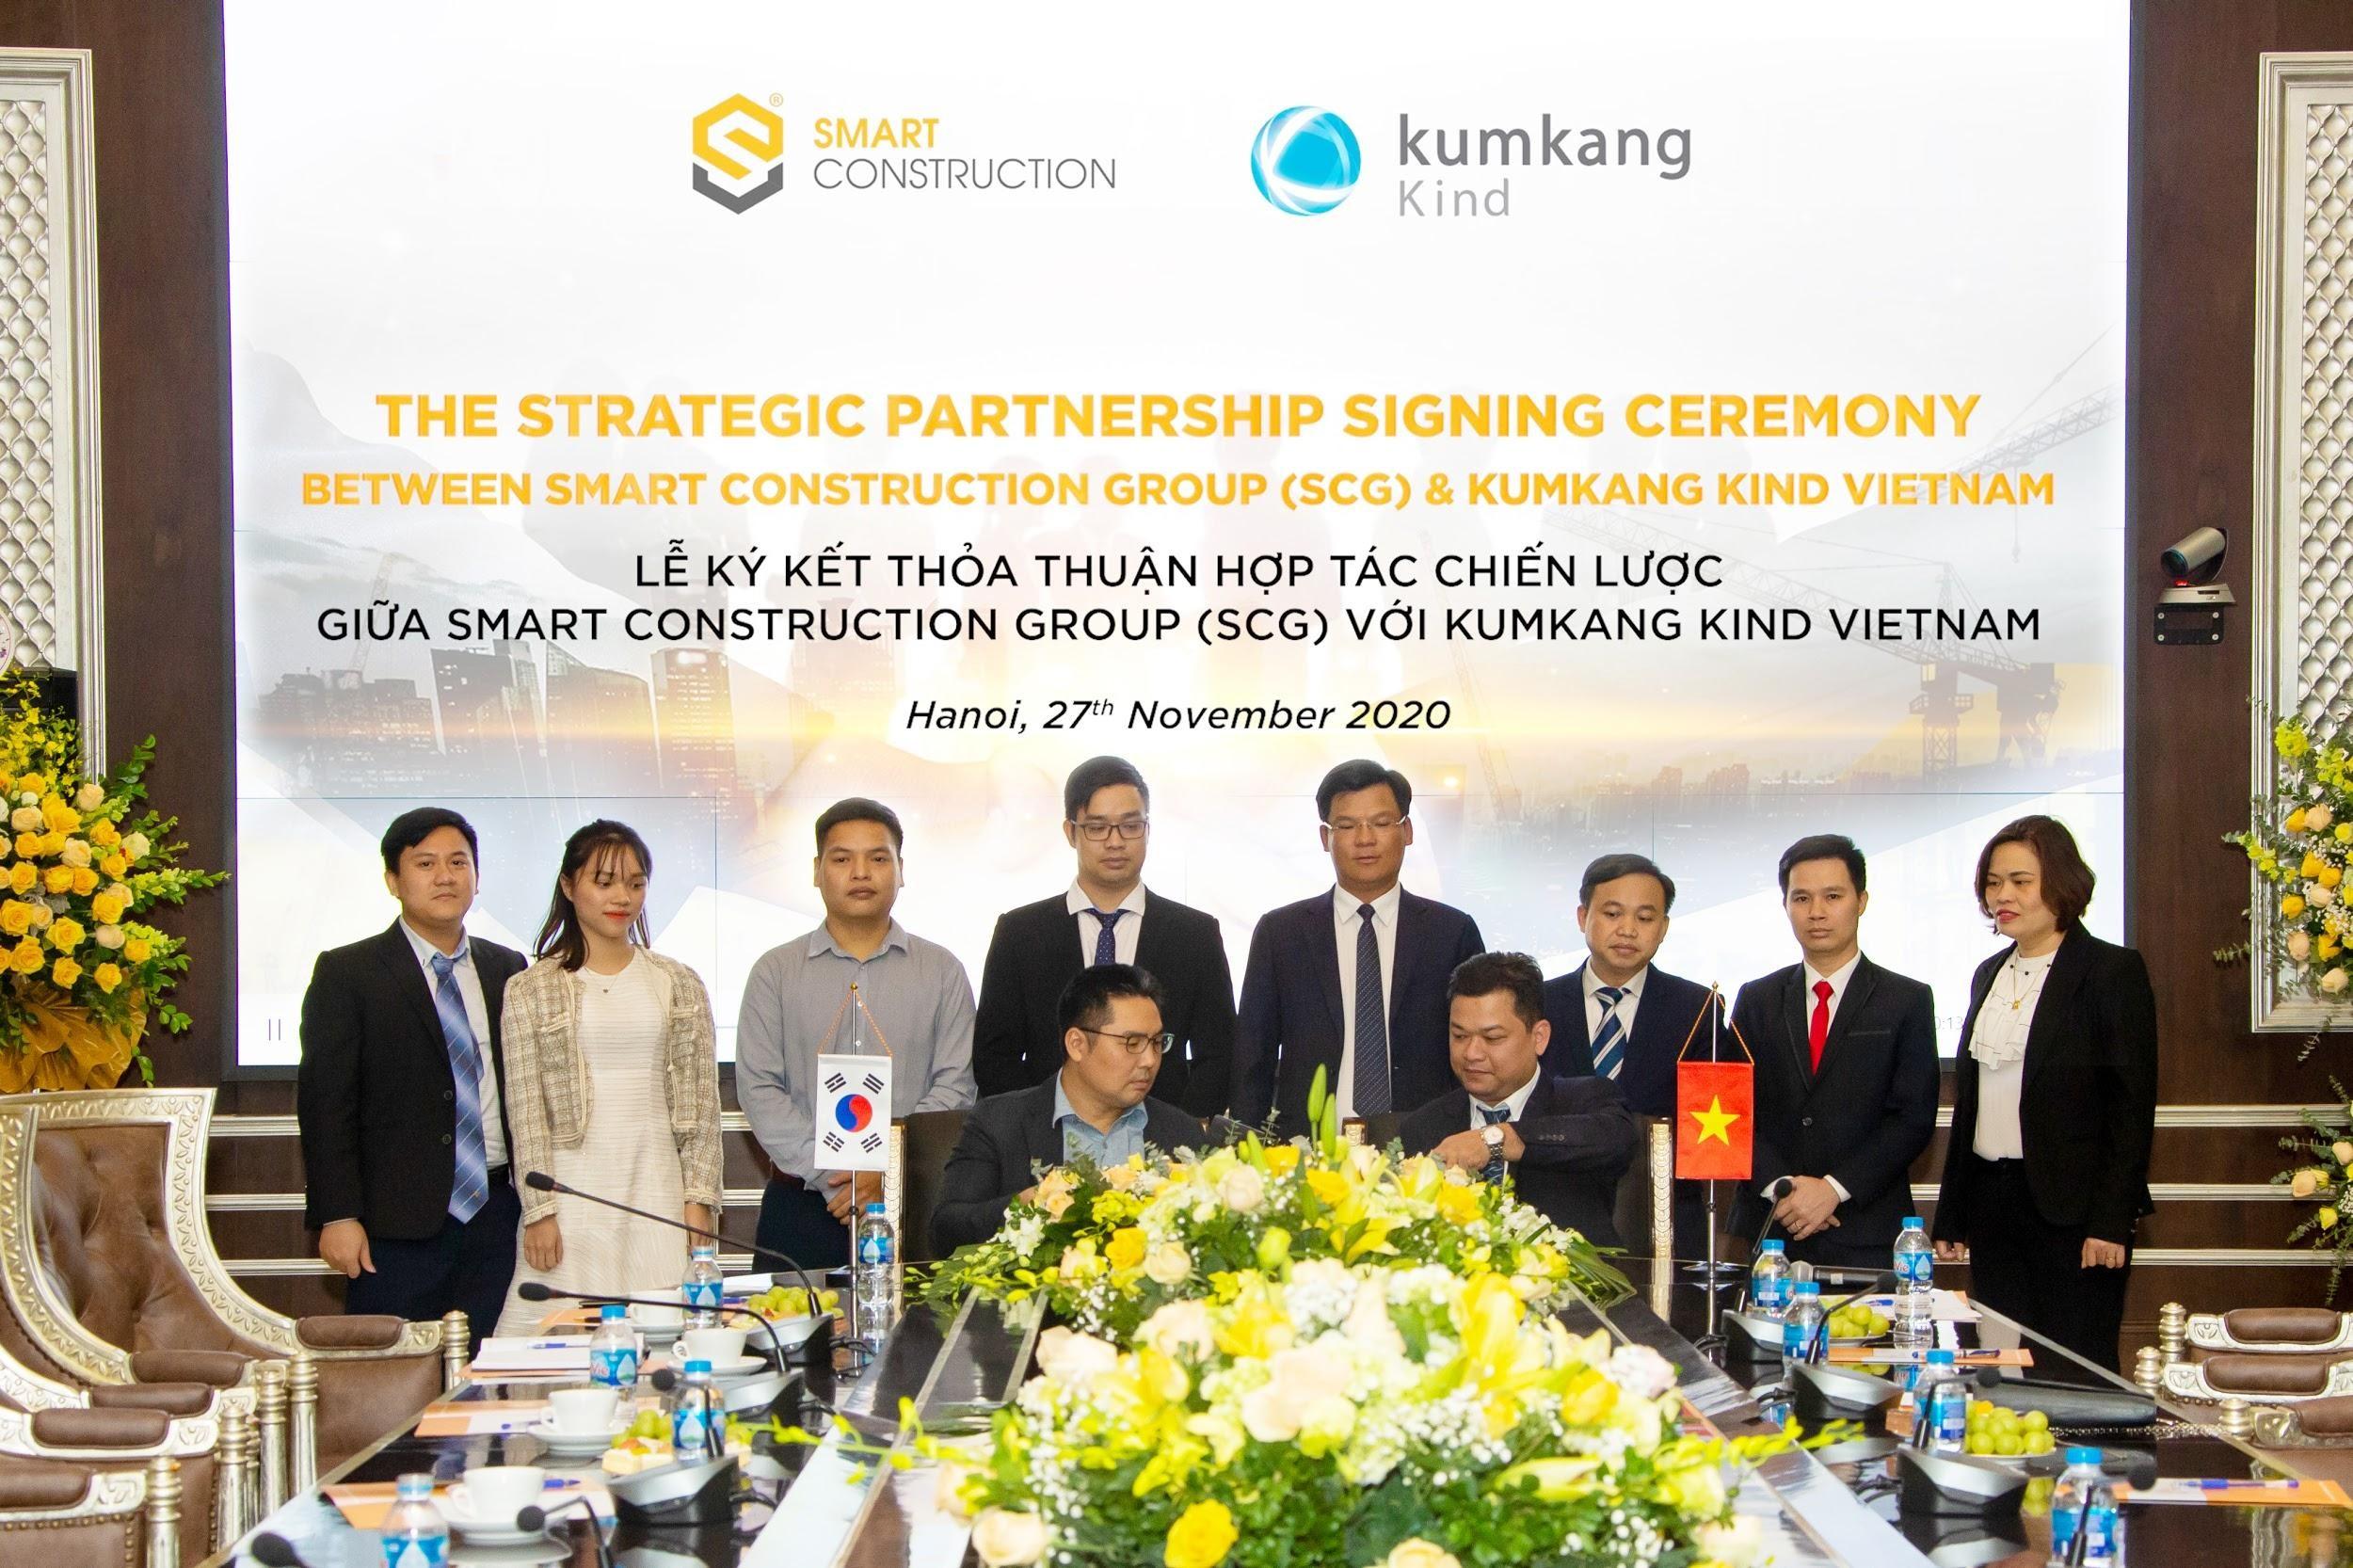 Ông Huỳnh Tấn Quốc - Phó TGĐ SCG ký kết Thỏa thuận hợp tác chiến lược với ông Jang Yeon - General Sales Manager Công ty Kumkang Kind Vietnam